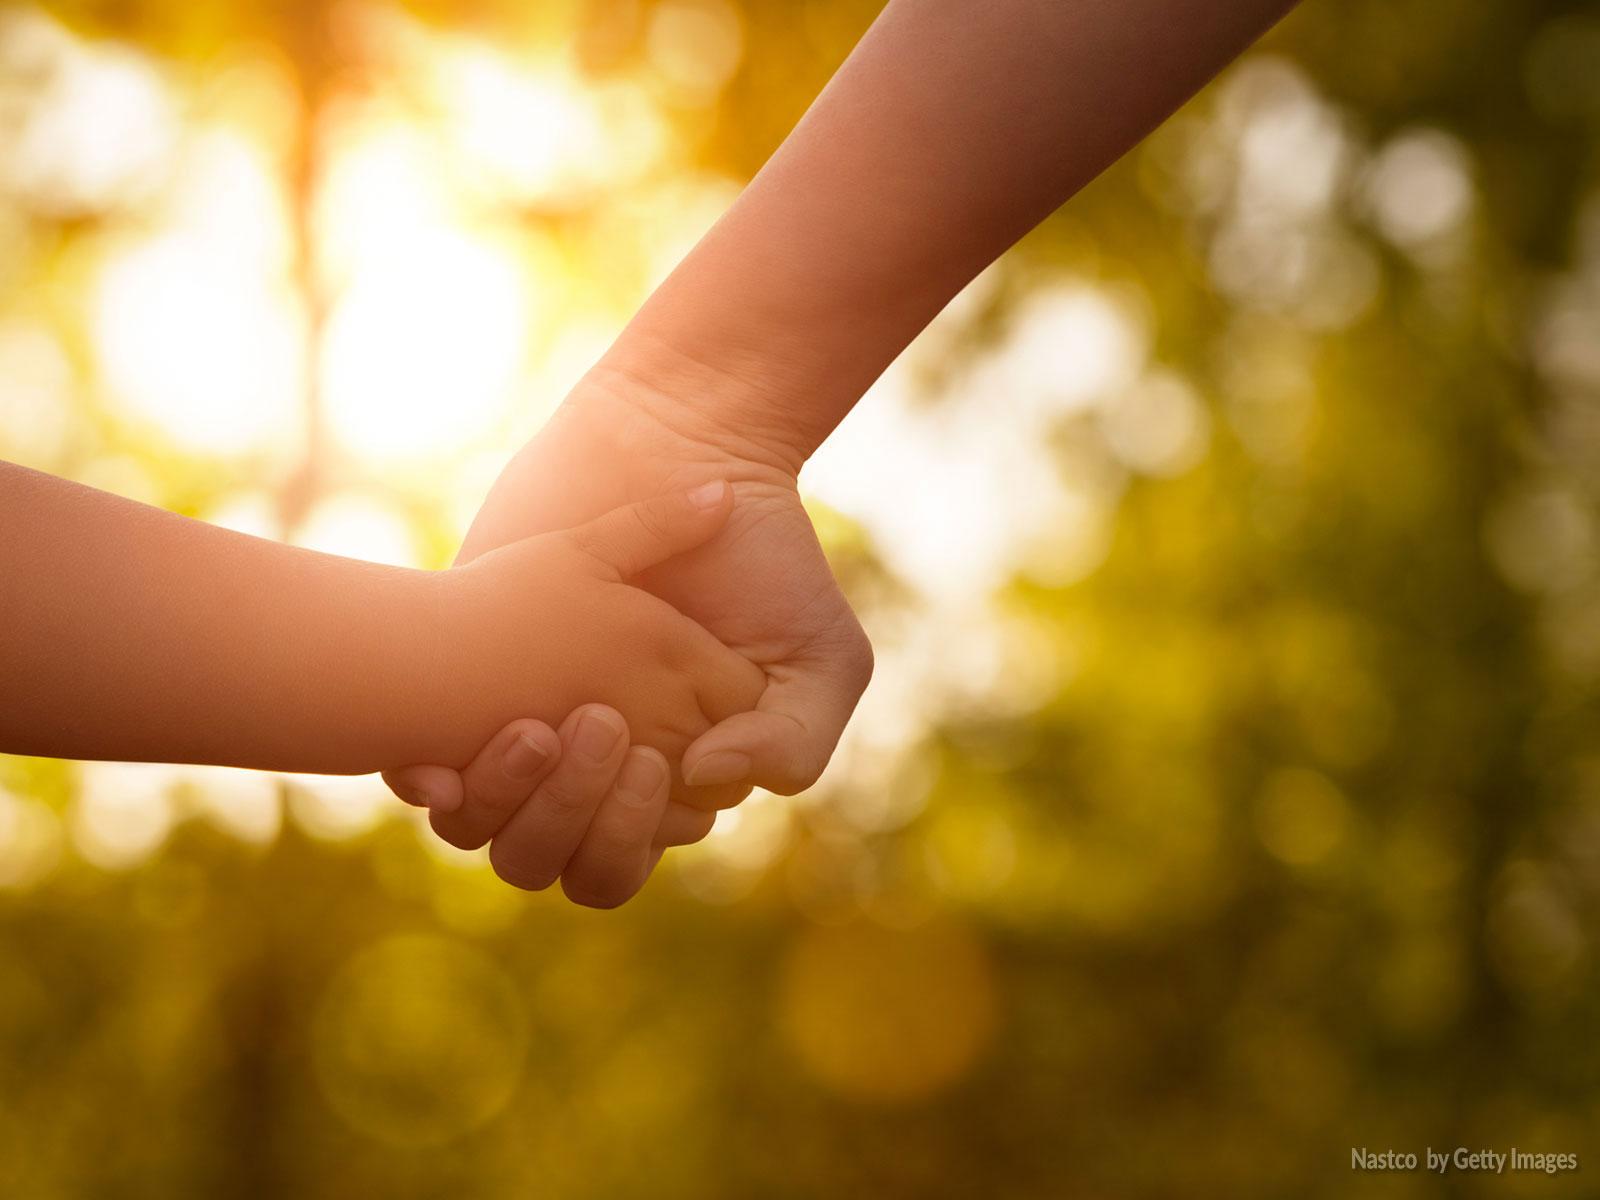 -A-família-tem-o-papel-fundamental-na-educação-sexual-dos-filhos